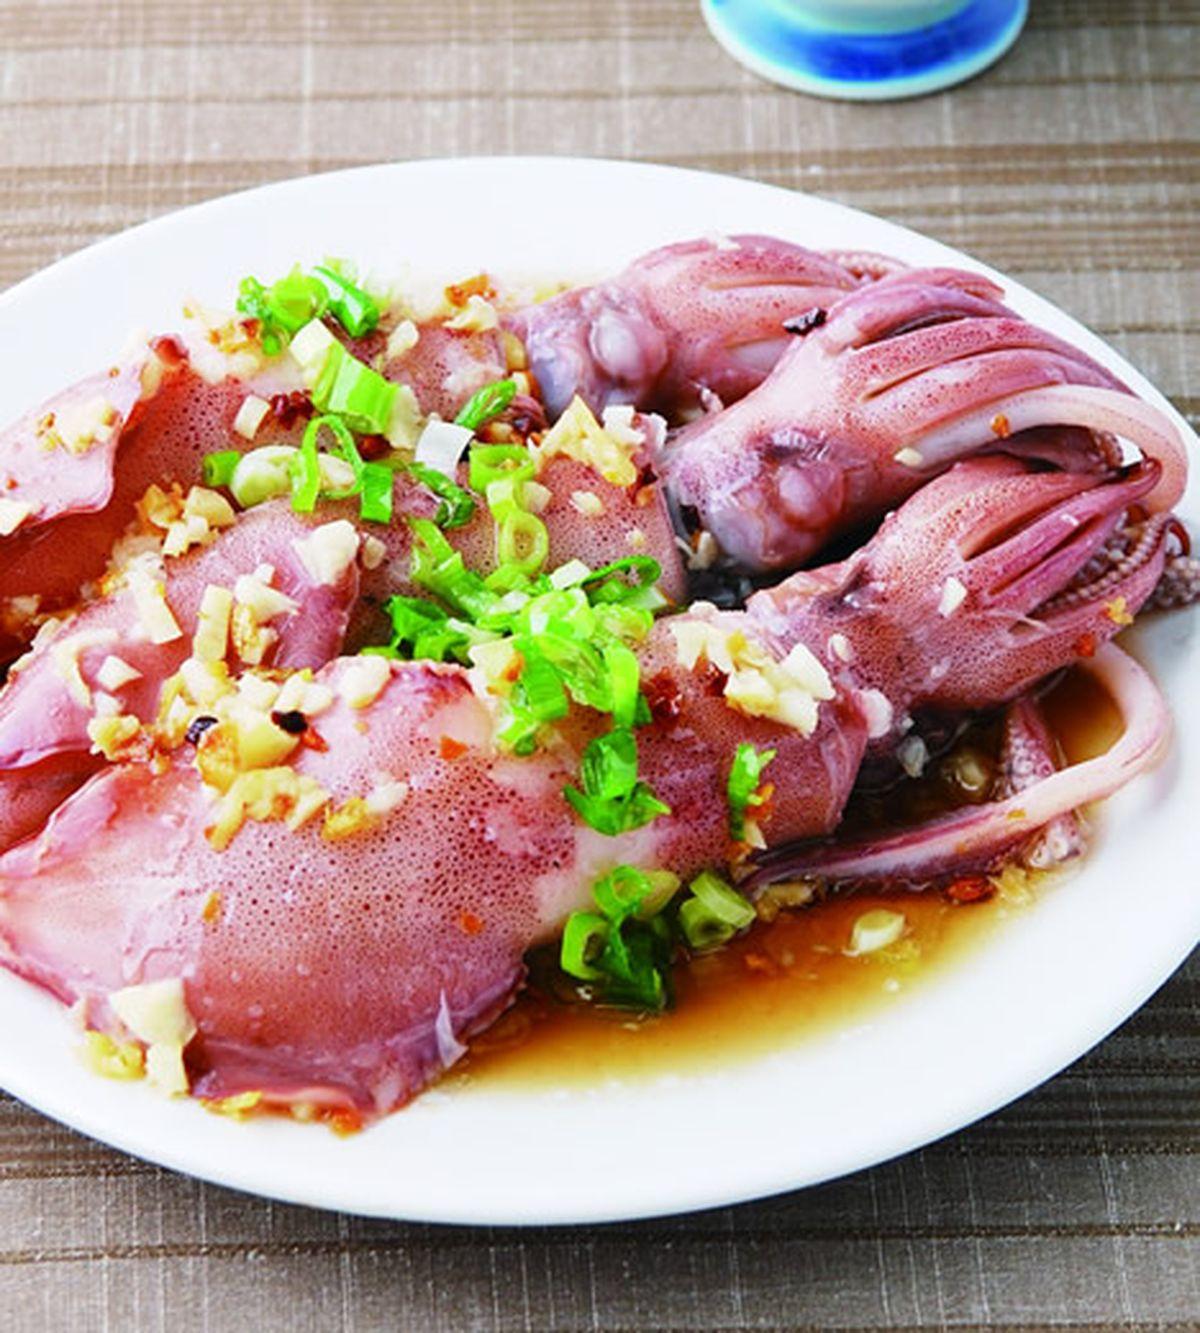 食譜:蒜茸蒸中捲